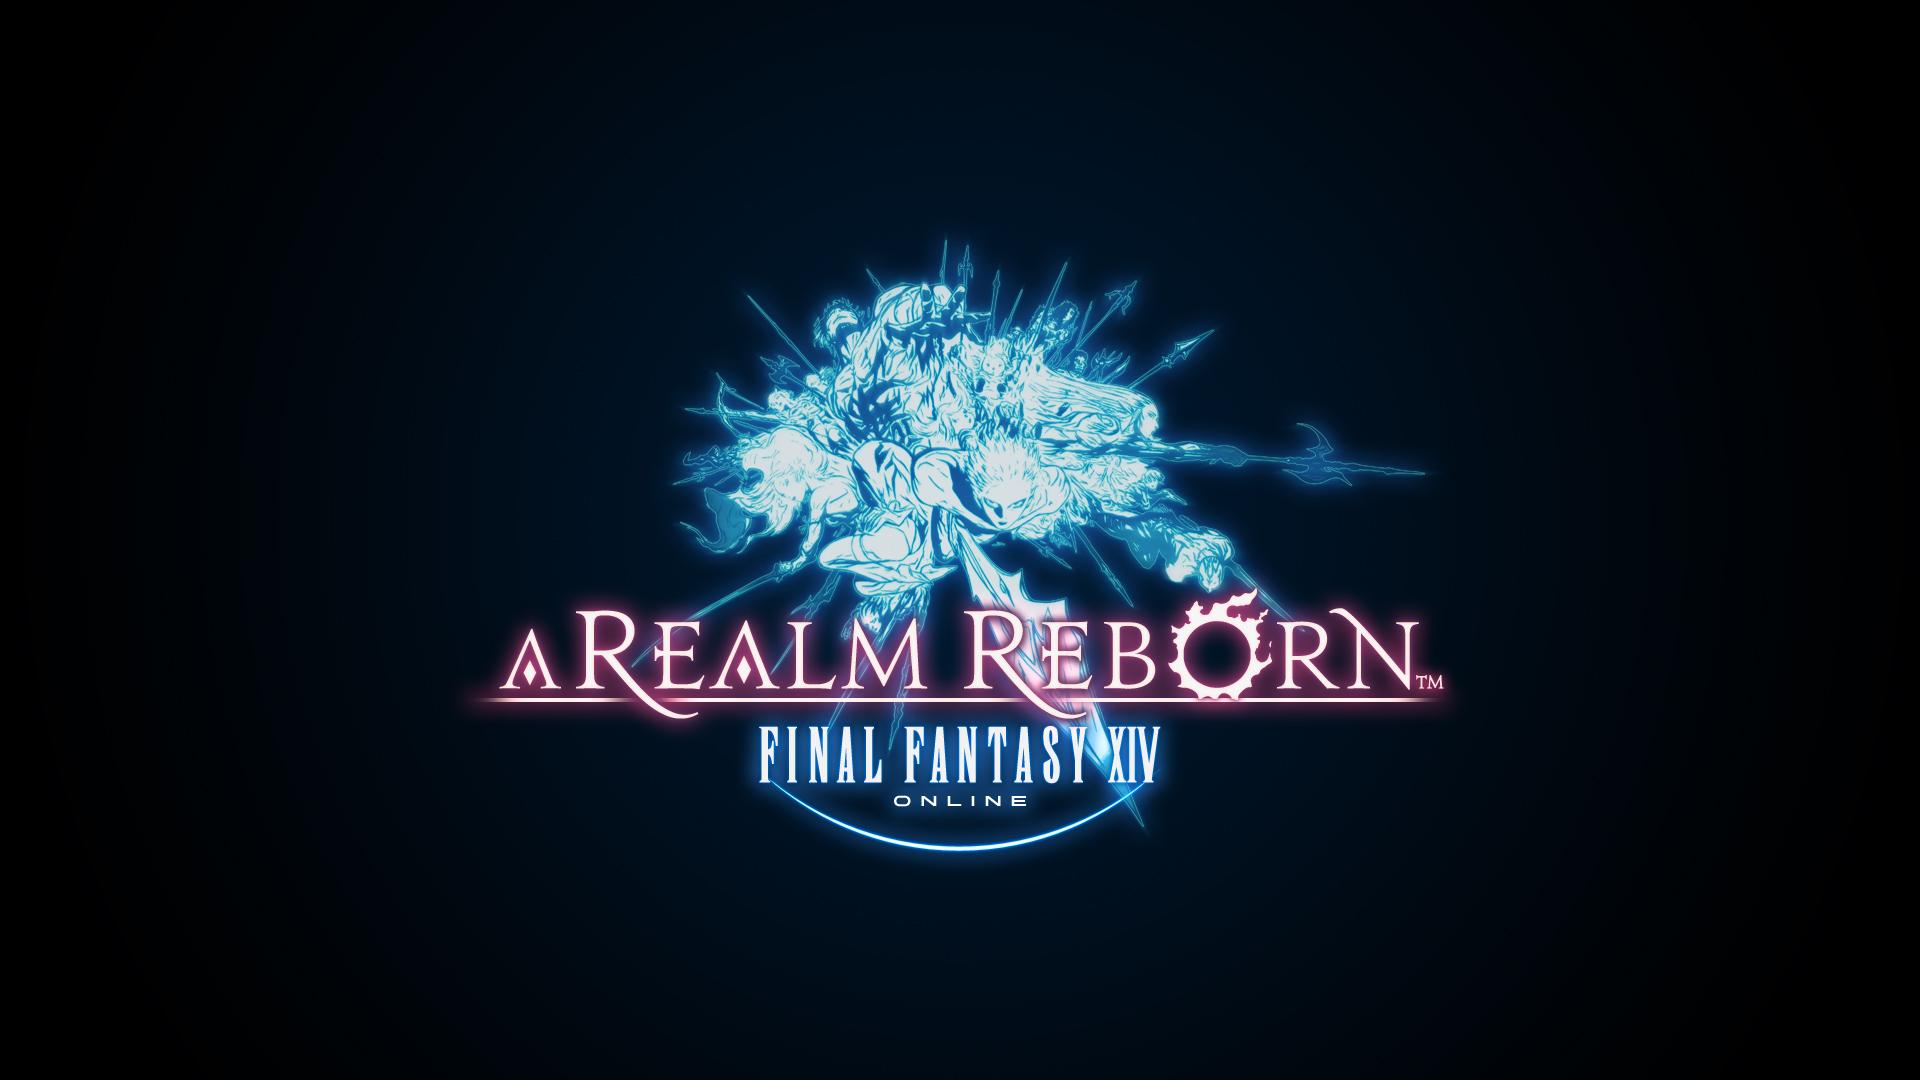 Final-Fantasy-XIV-